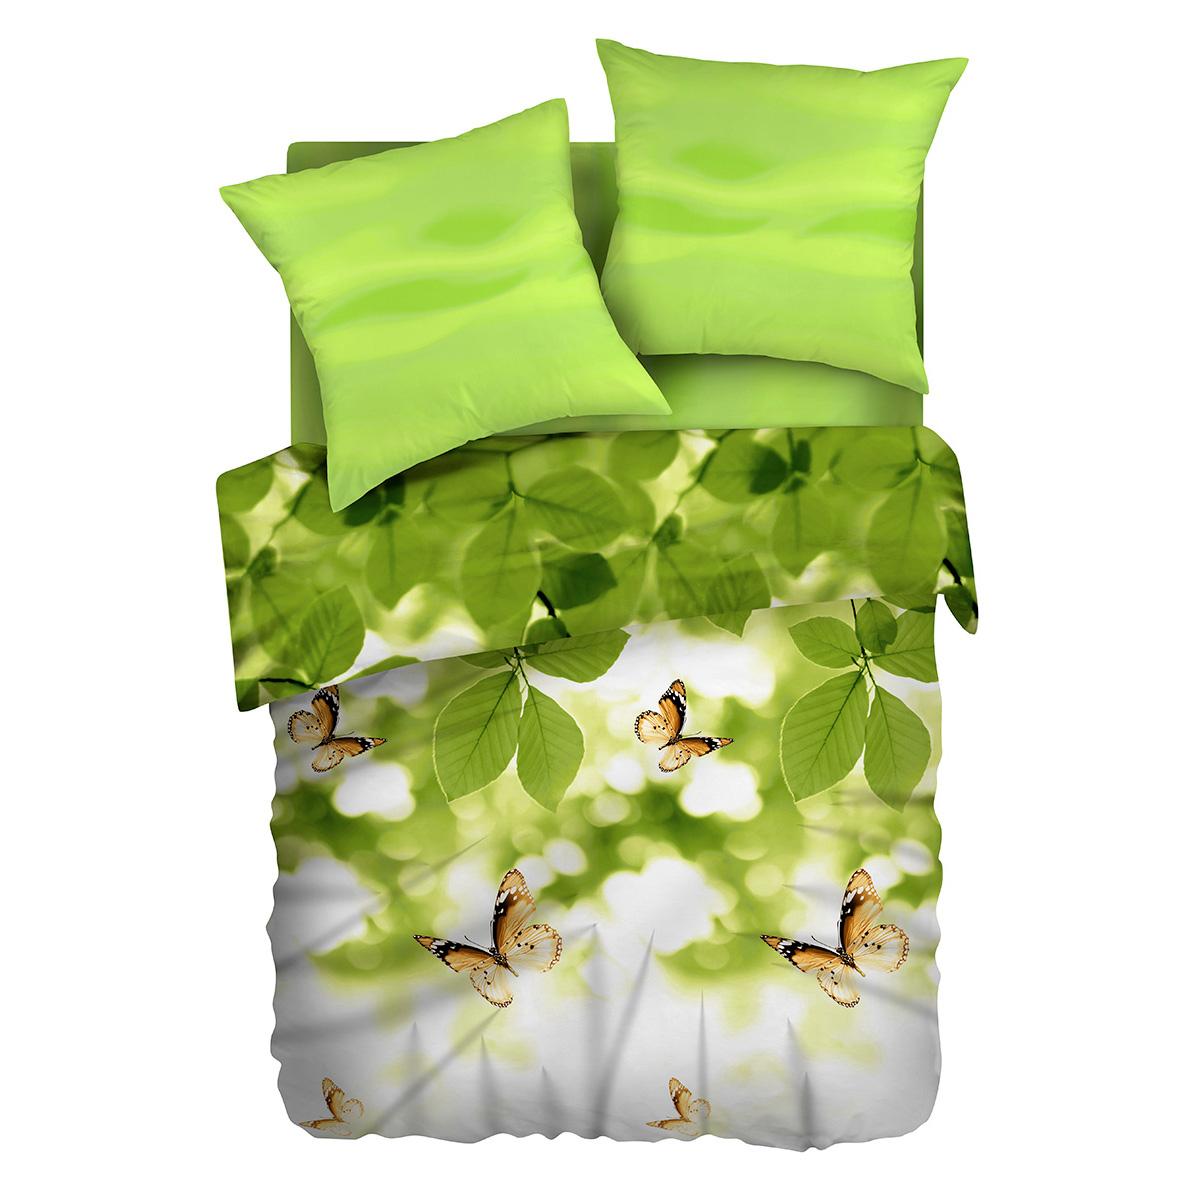 Комплект белья Романтика Бабочка желаний, 1,5 спальное, наволочки 70 х 70, цвет: зеленый. 292802292802Постельное белье торговой марки «Любимый дом» - это идеальное сочетание доступной цены и высокого качества продукции. Серия «Любимый дом 3D» выполнена в технике объемного трехмерного изображения: объемные рисунки очень яркие, насыщенные и реалистичные. Коллекция выполнена из традиционной отечественной бязи с высоким показателем износостойкости: такое постельное белье очень прочное и долговечное, не деформируется при стирках и прослужит долгие годы.